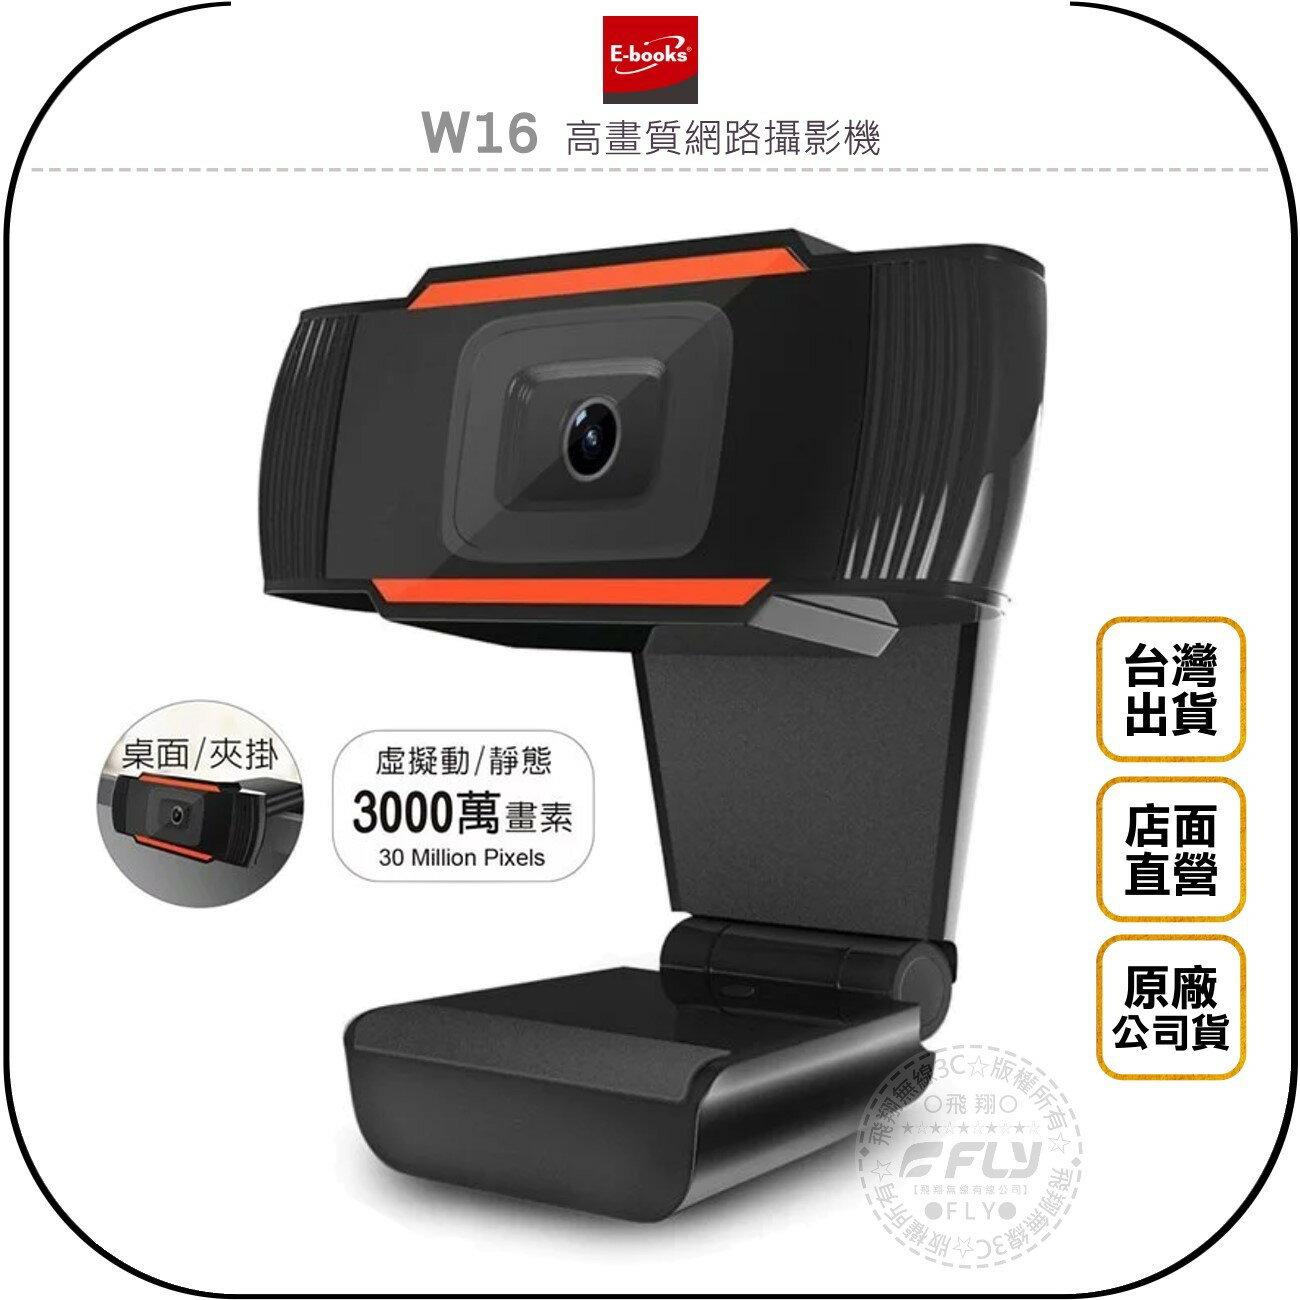 《飛翔無線3C》E-books 中景科技 W16 高畫質網路攝影機◉公司貨◉內建麥克風◉電腦視訊鏡頭◉隨插即用